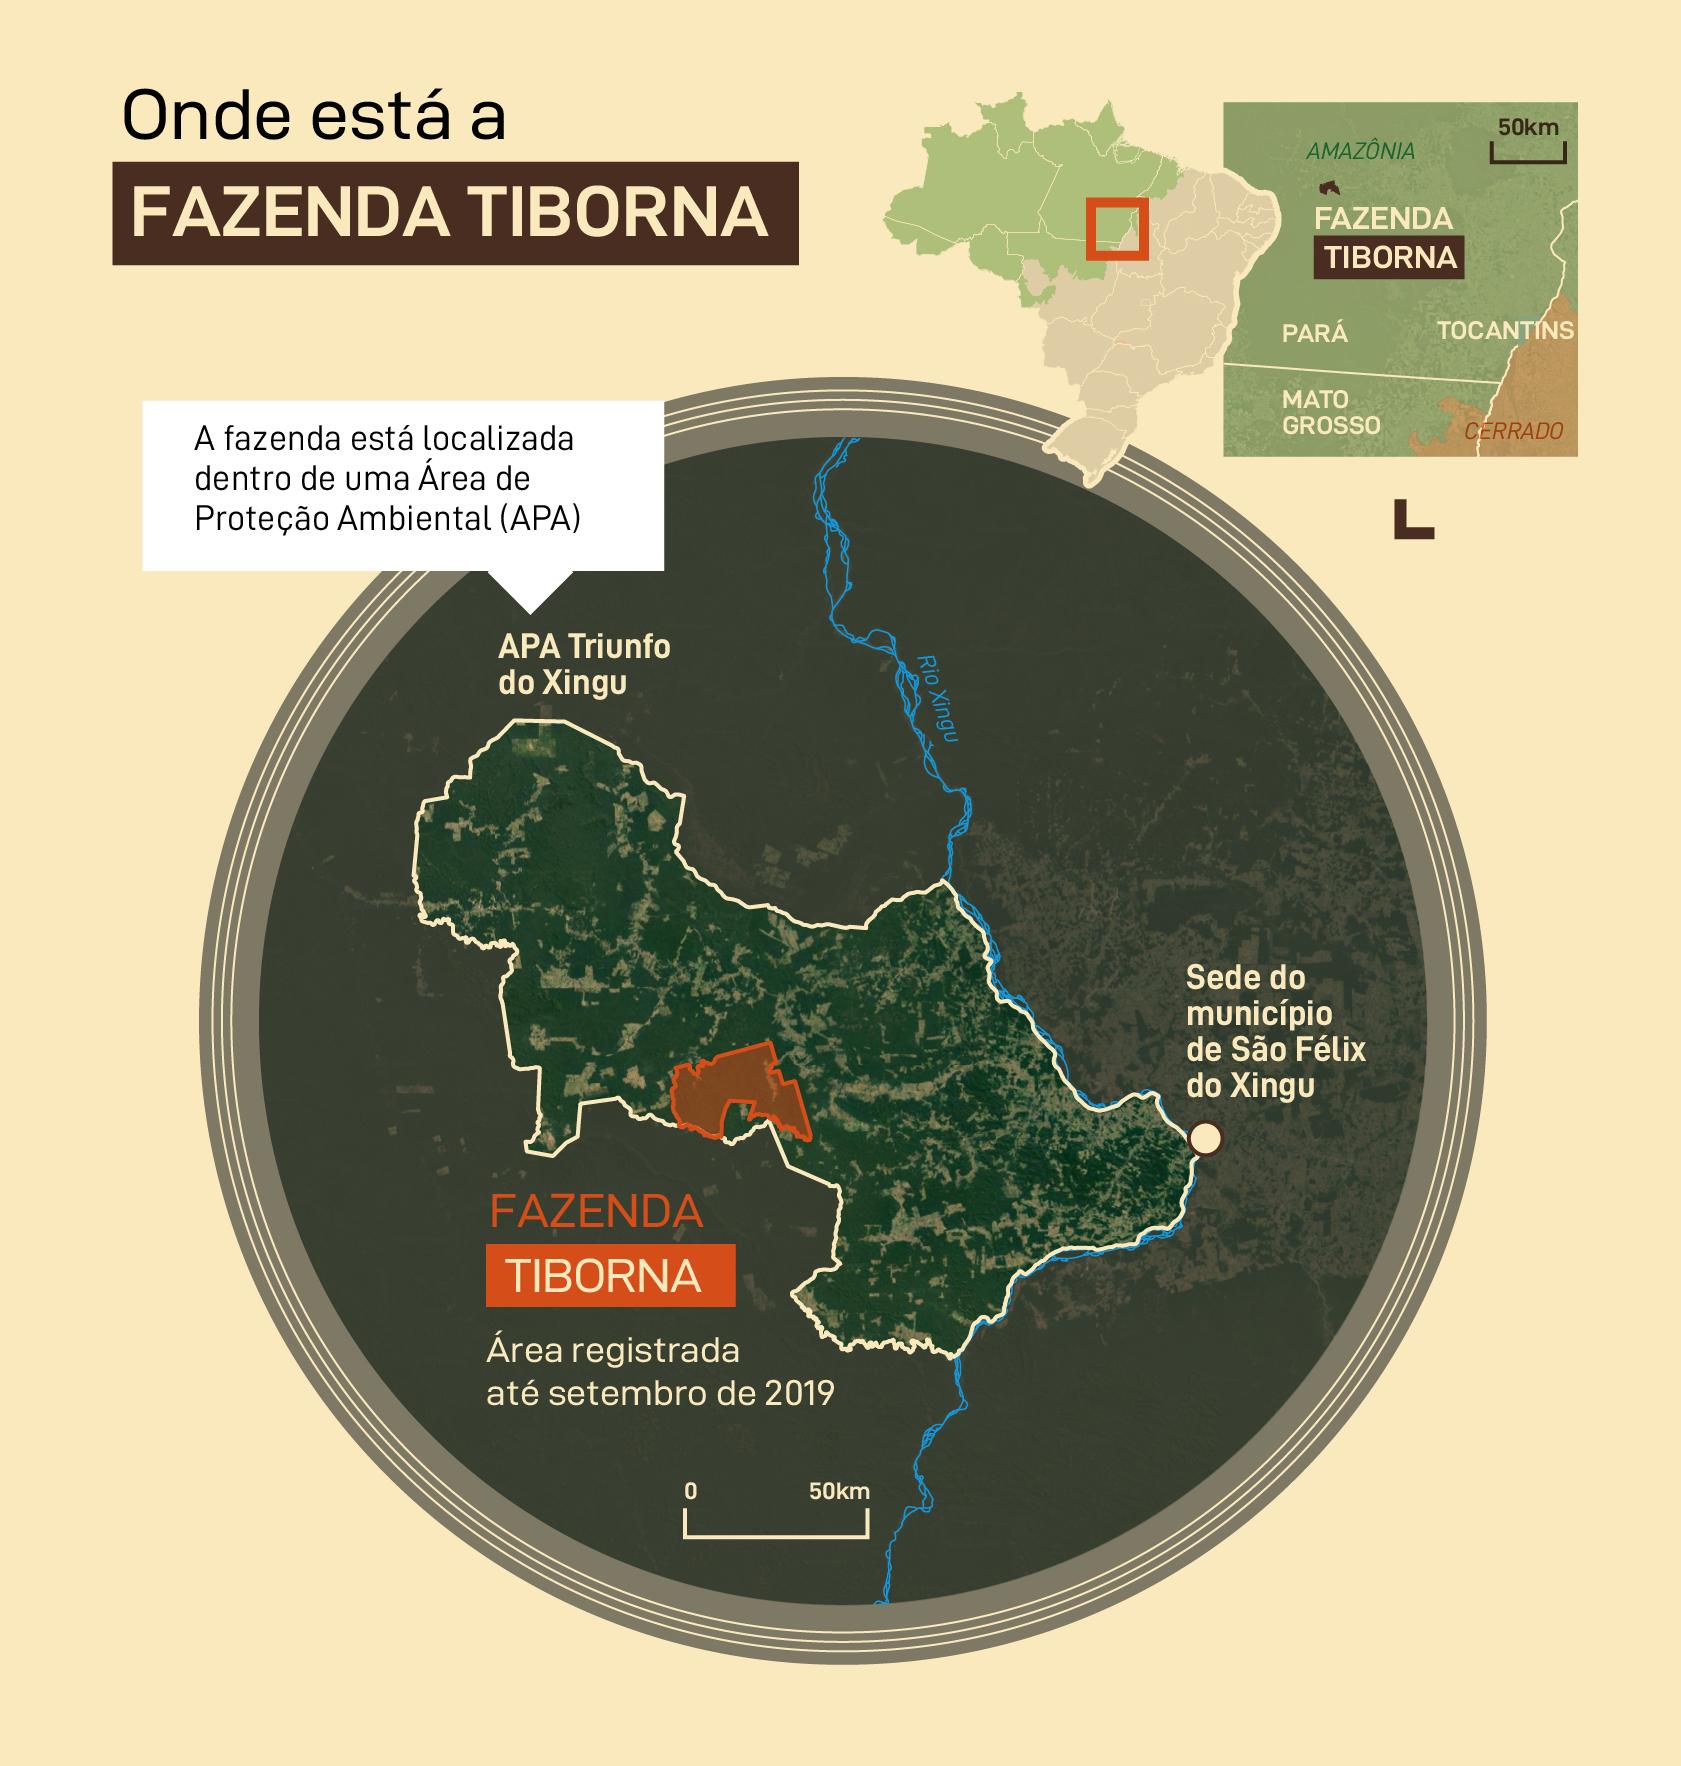 Onde está a Fazenda Tiborna